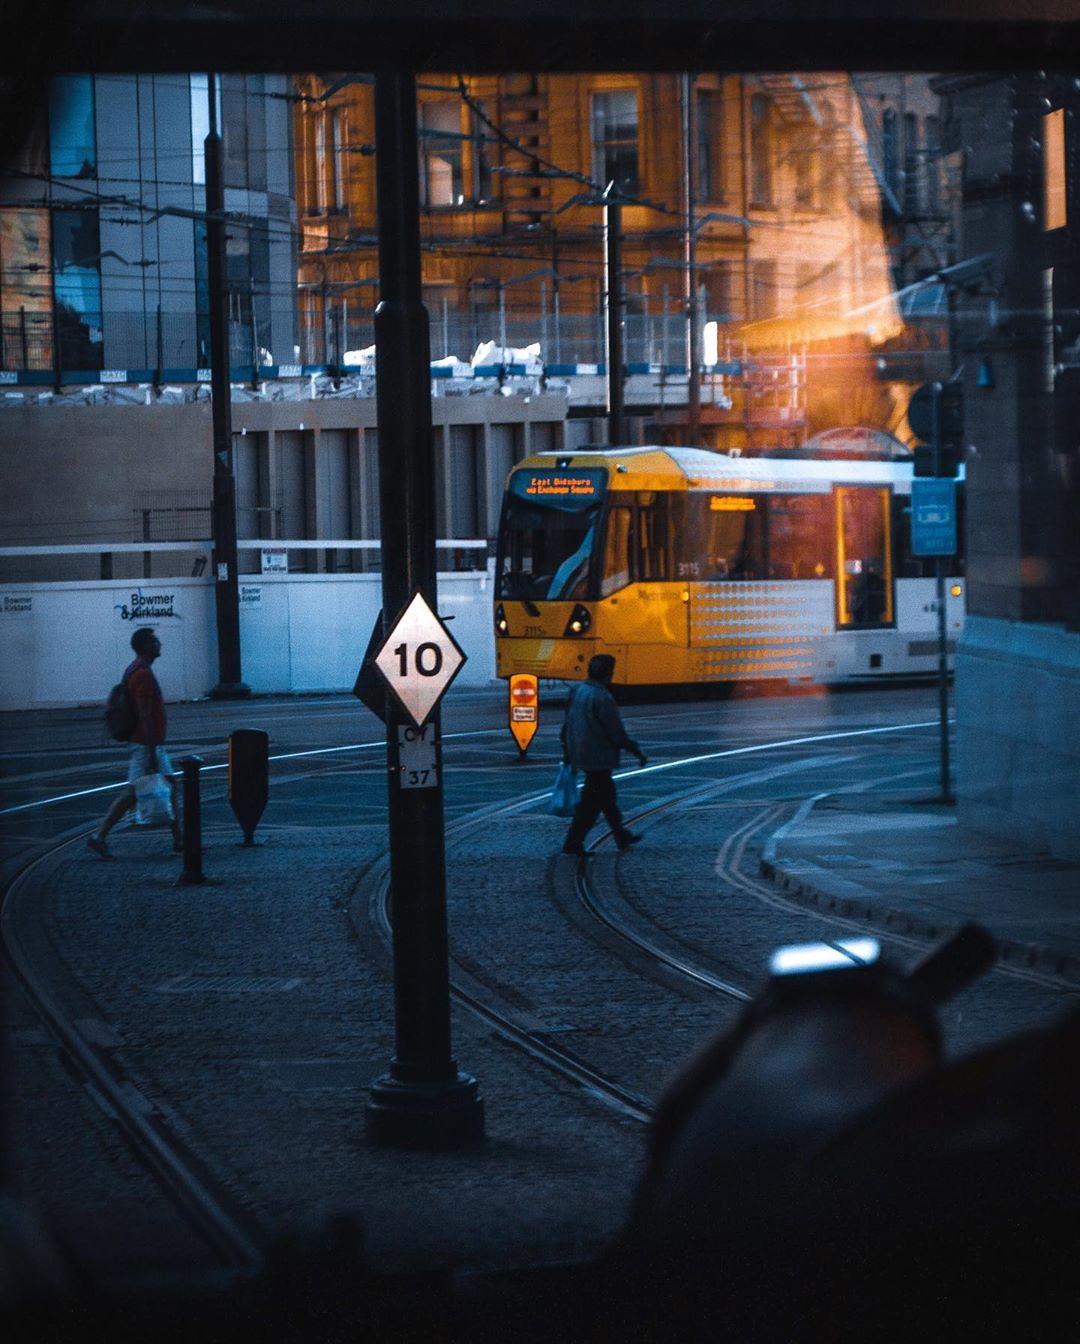 Улицы Англии на снимках 16-летнего фотографа